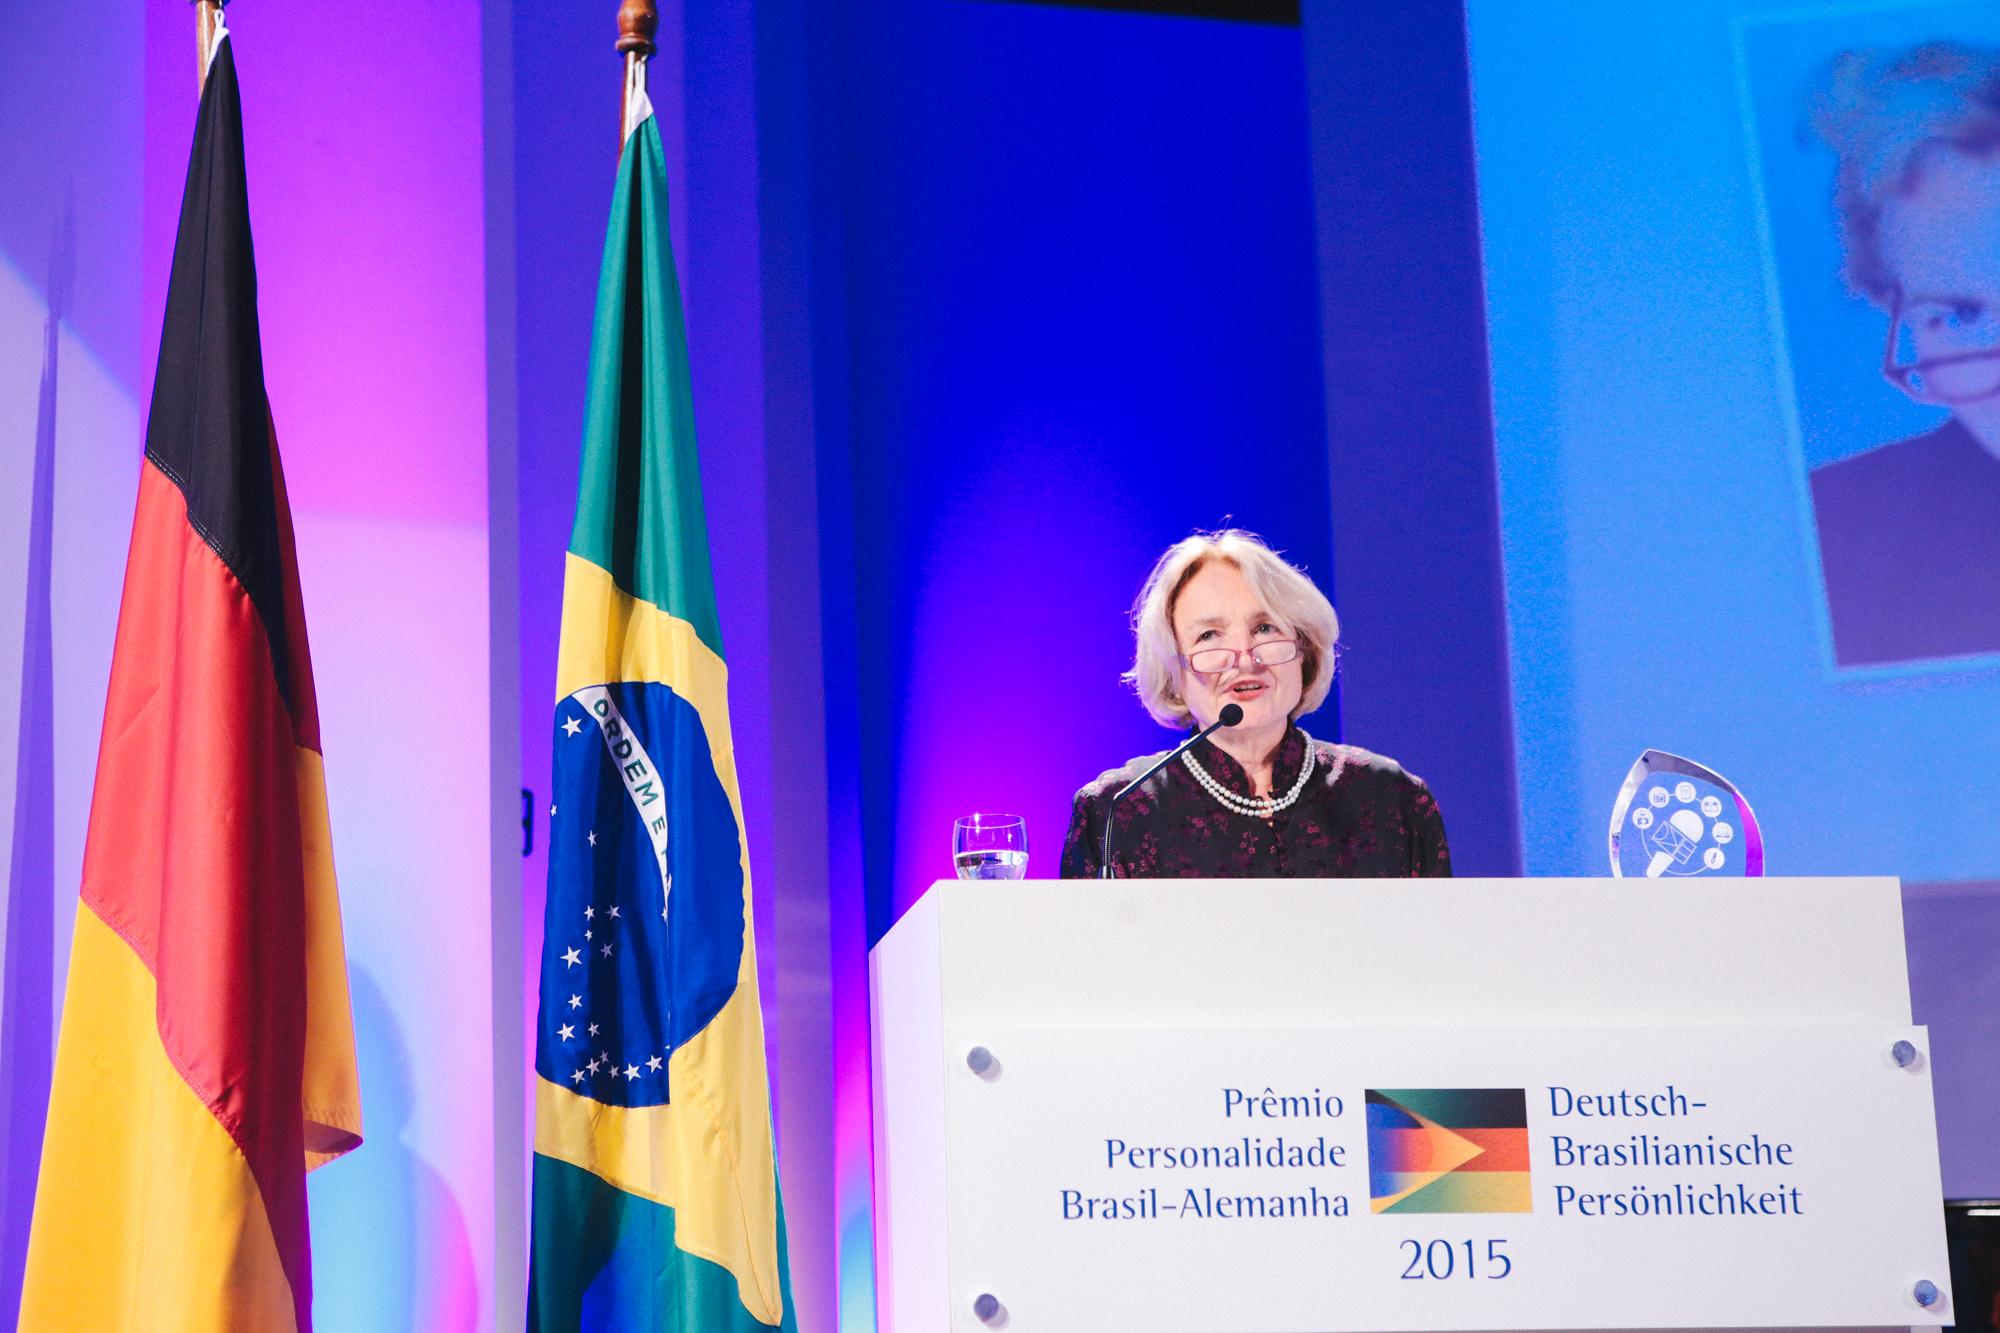 http://www.rio-cologne.de/wp-content/uploads/2016/09/Dt_brasil_Journalistenpreis2015_9.jpg